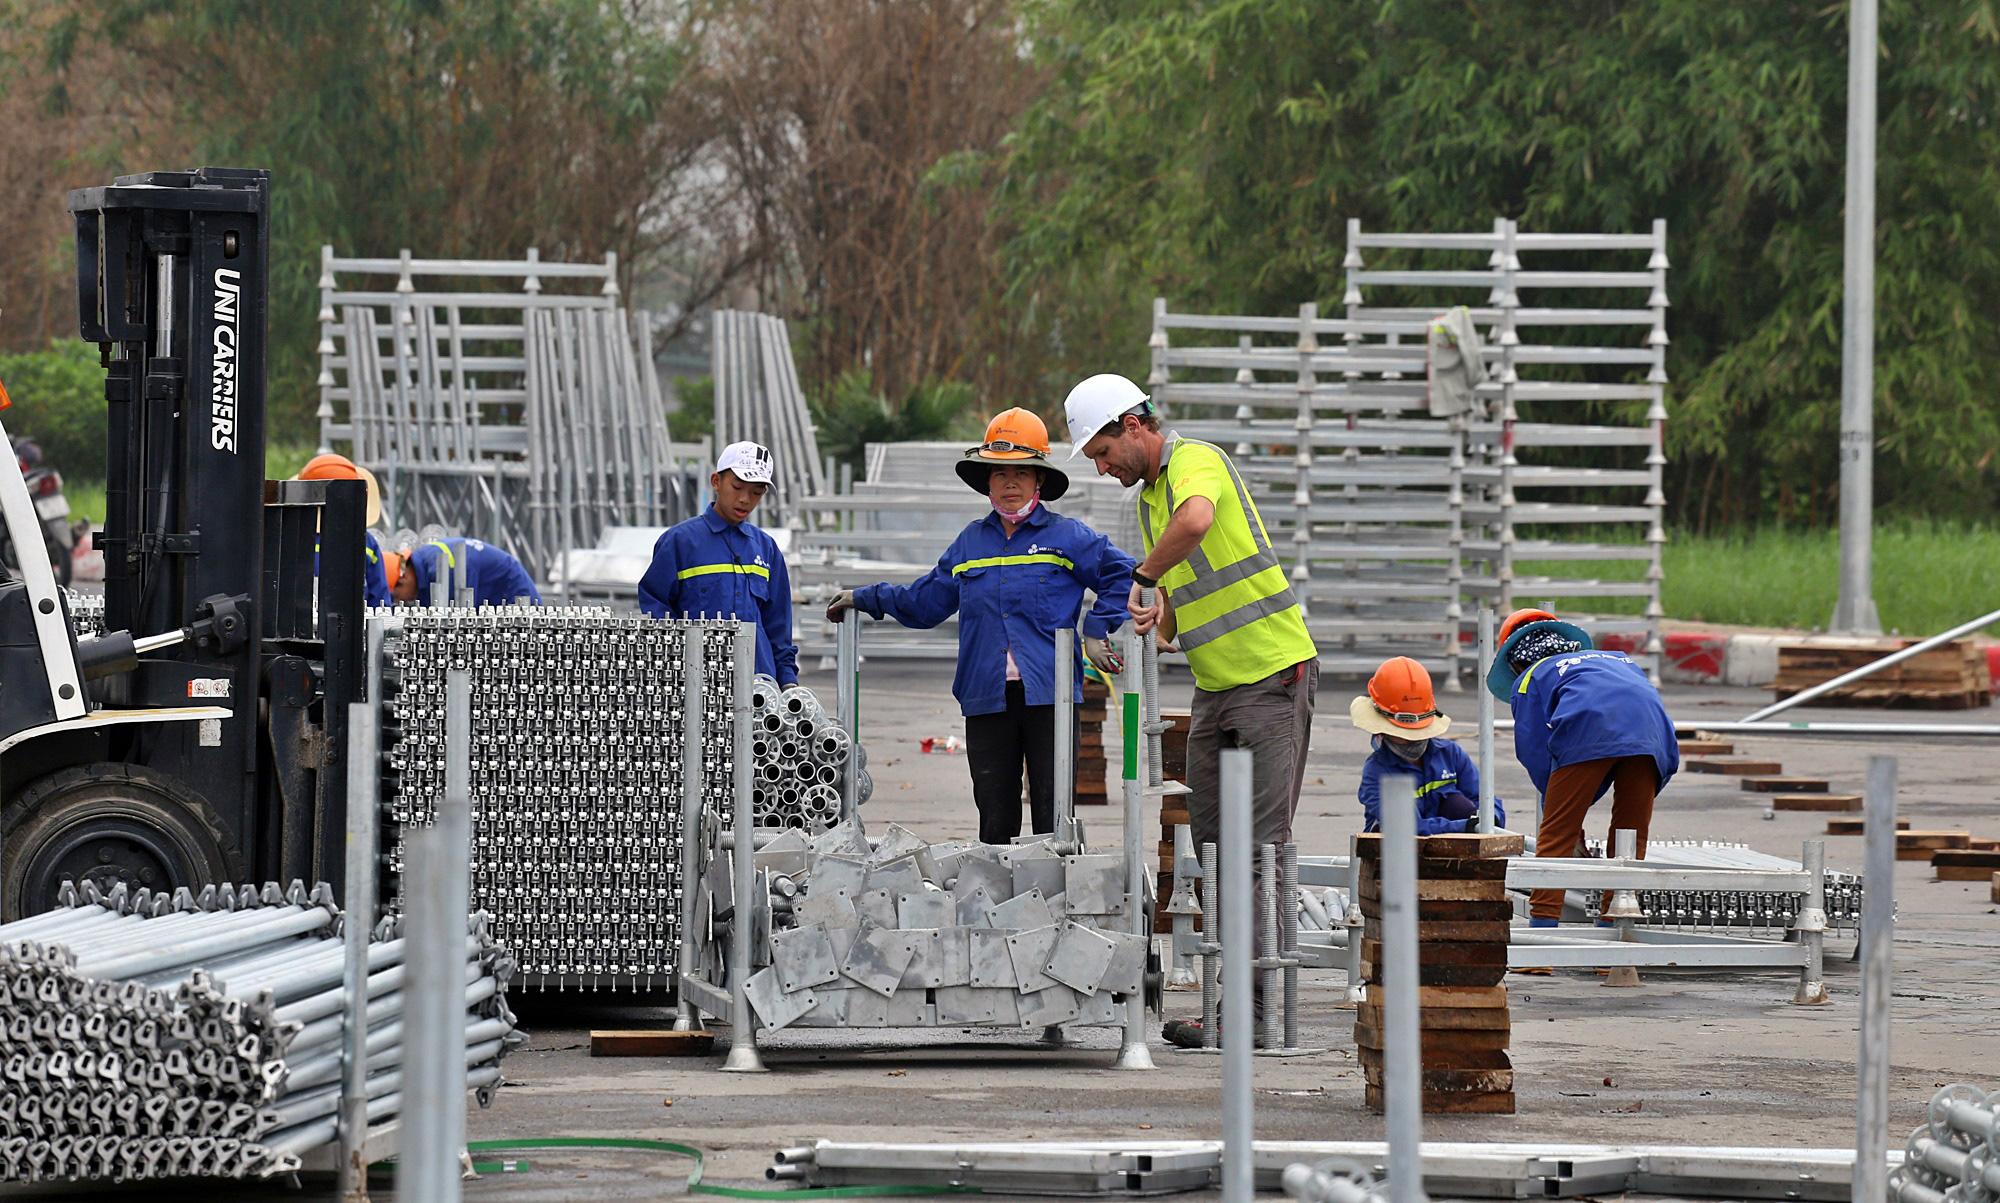 Hoãn đua F1 Hà Nội vì dịch Covid-19, khán đài di động bị tháo dỡ - Ảnh 11.